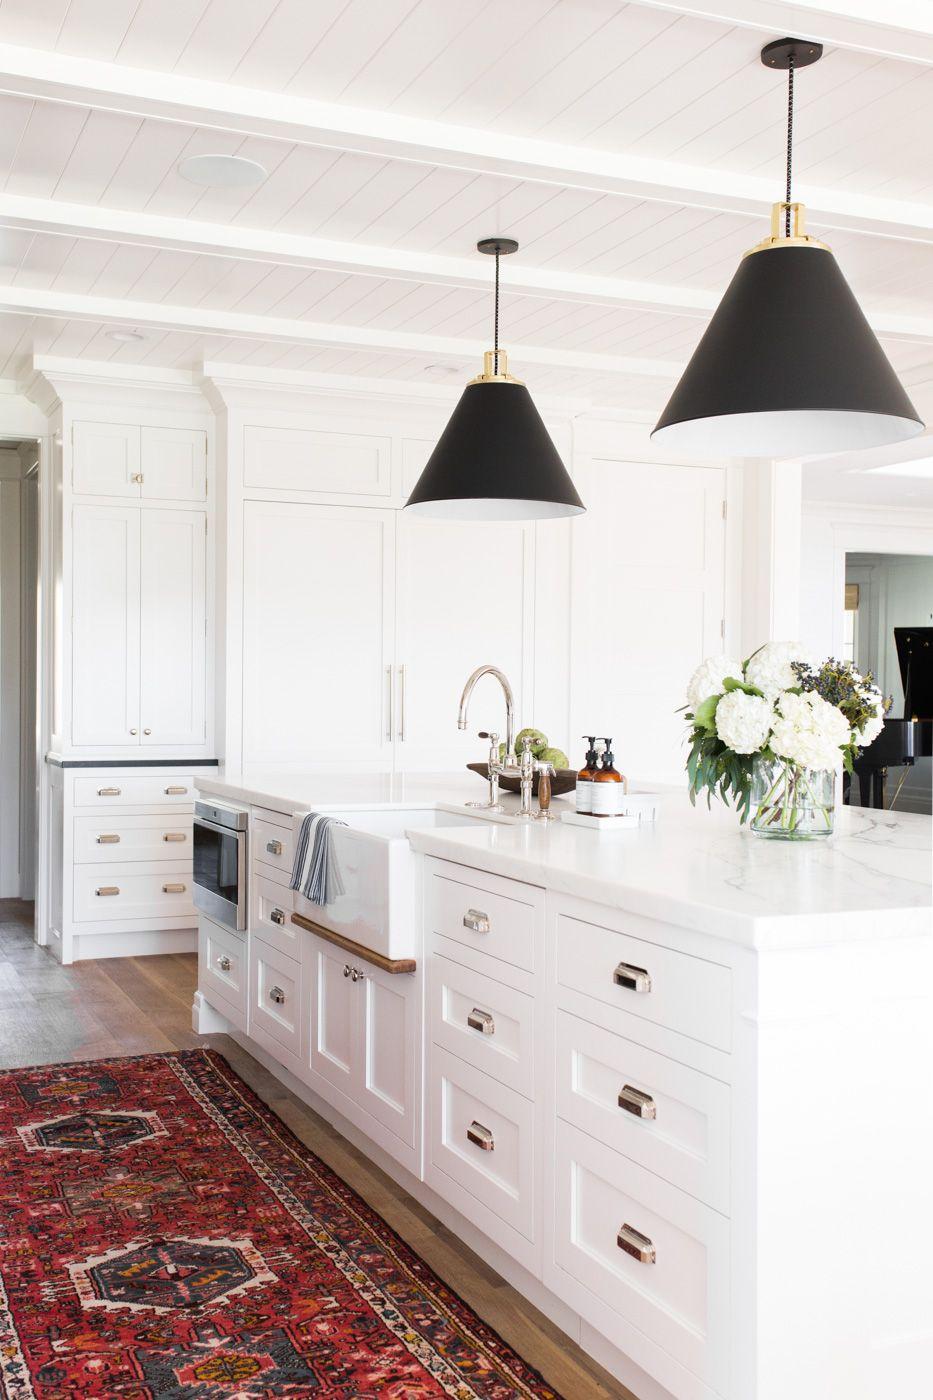 Windsong Project Kitchen Interior Kitchen Remodel Kitchen Design